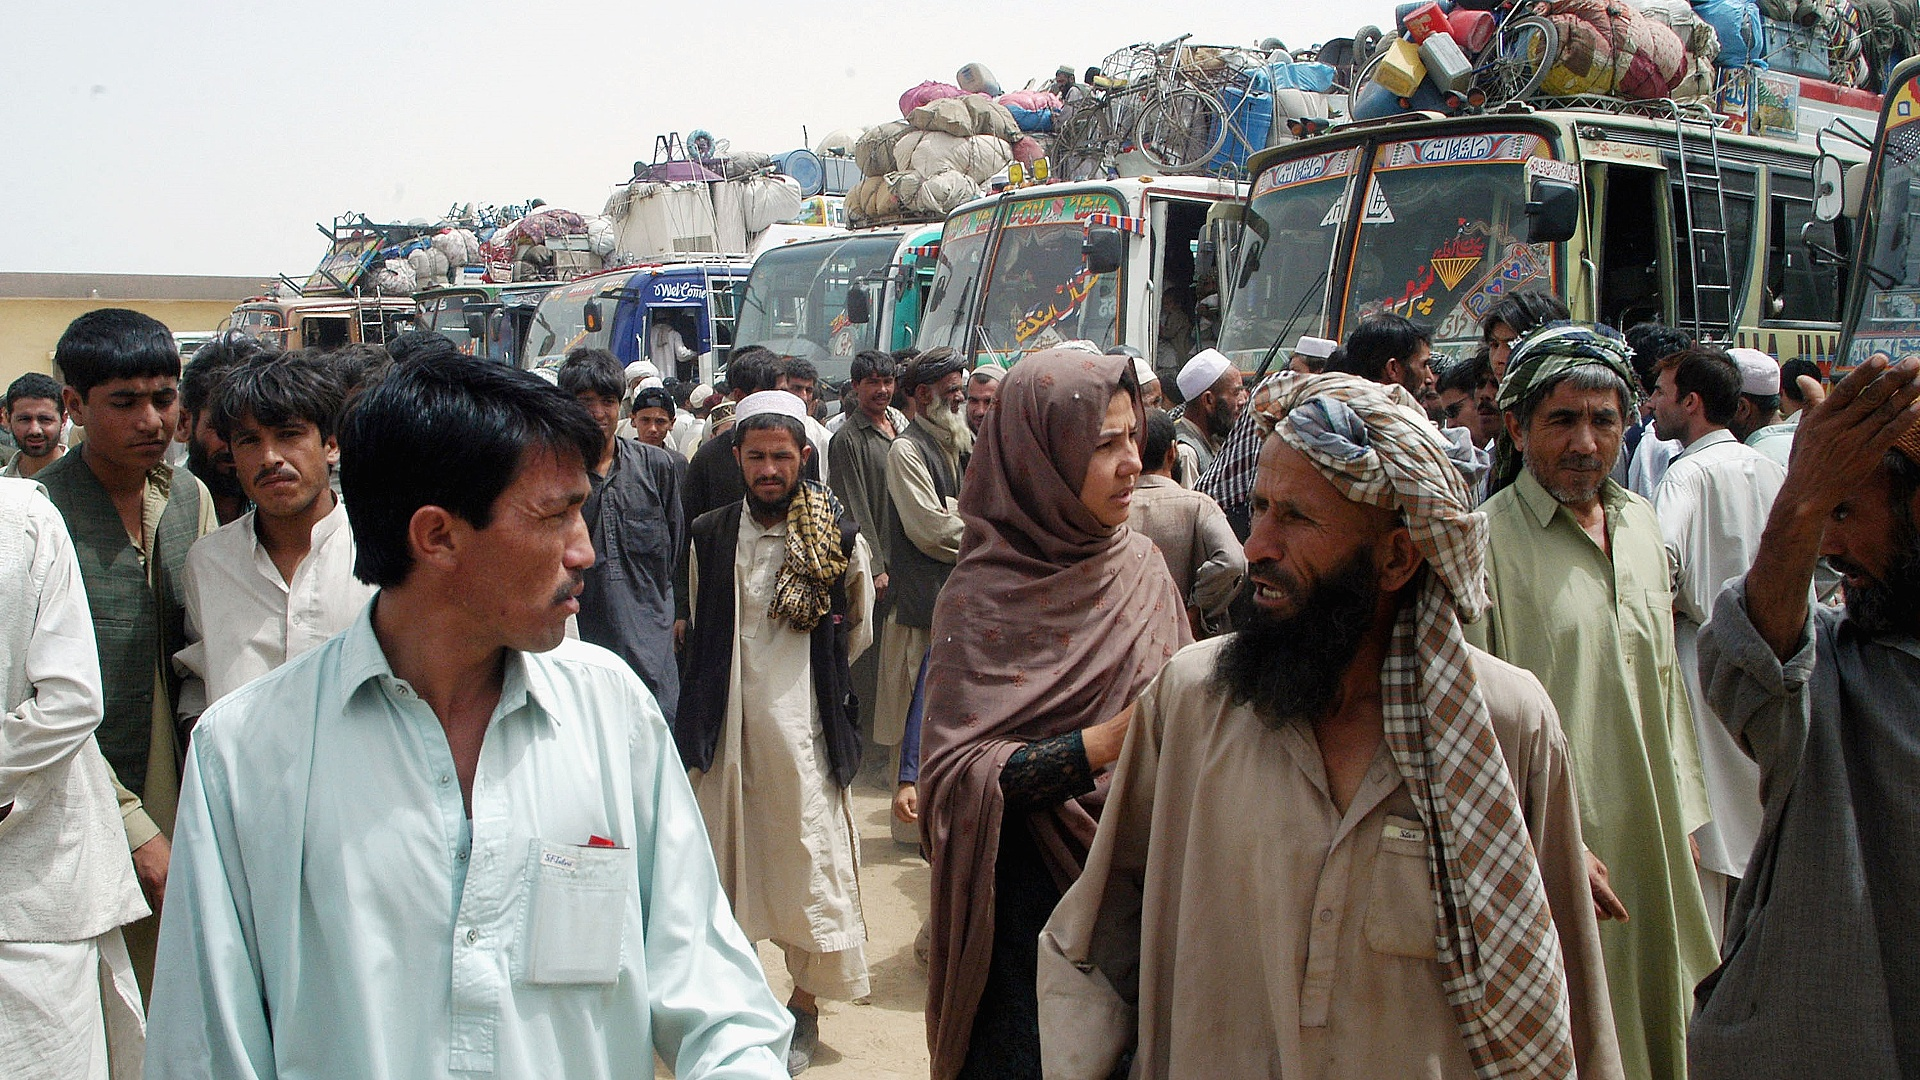 ЕС готовится к наплыву афганских беженцев и нелегальных мигрантов